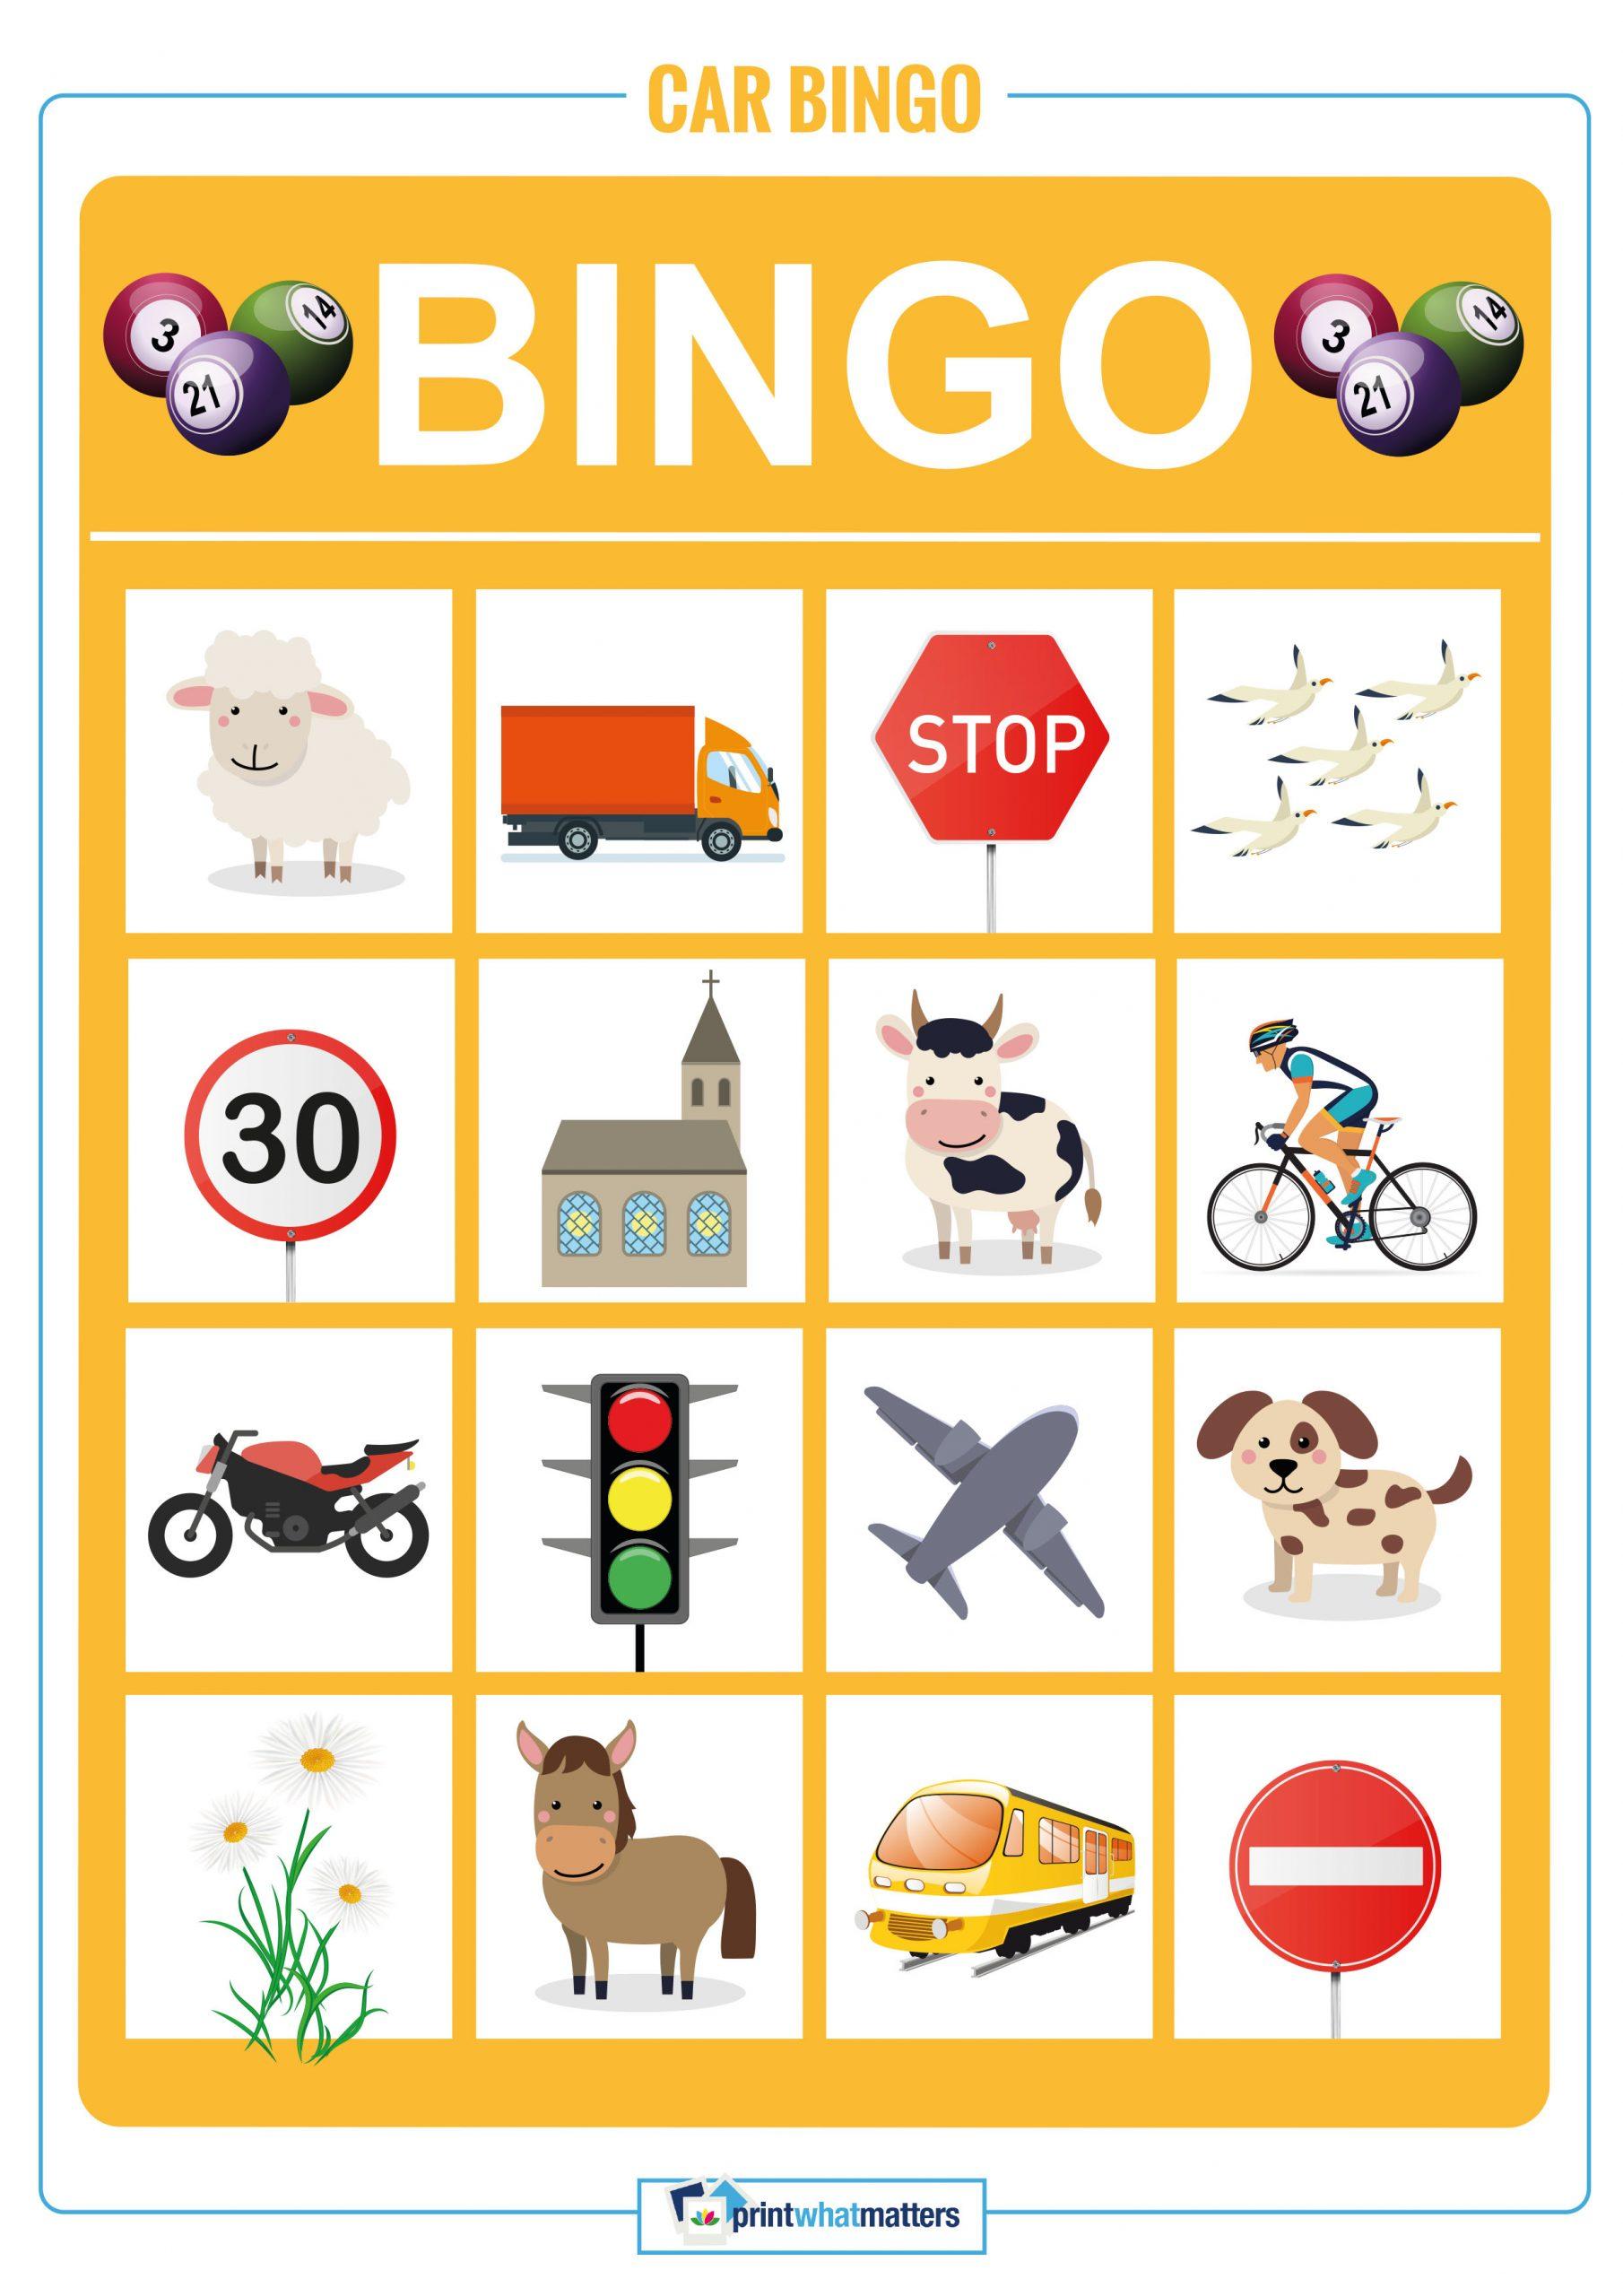 Car Bingo - Print What Matters